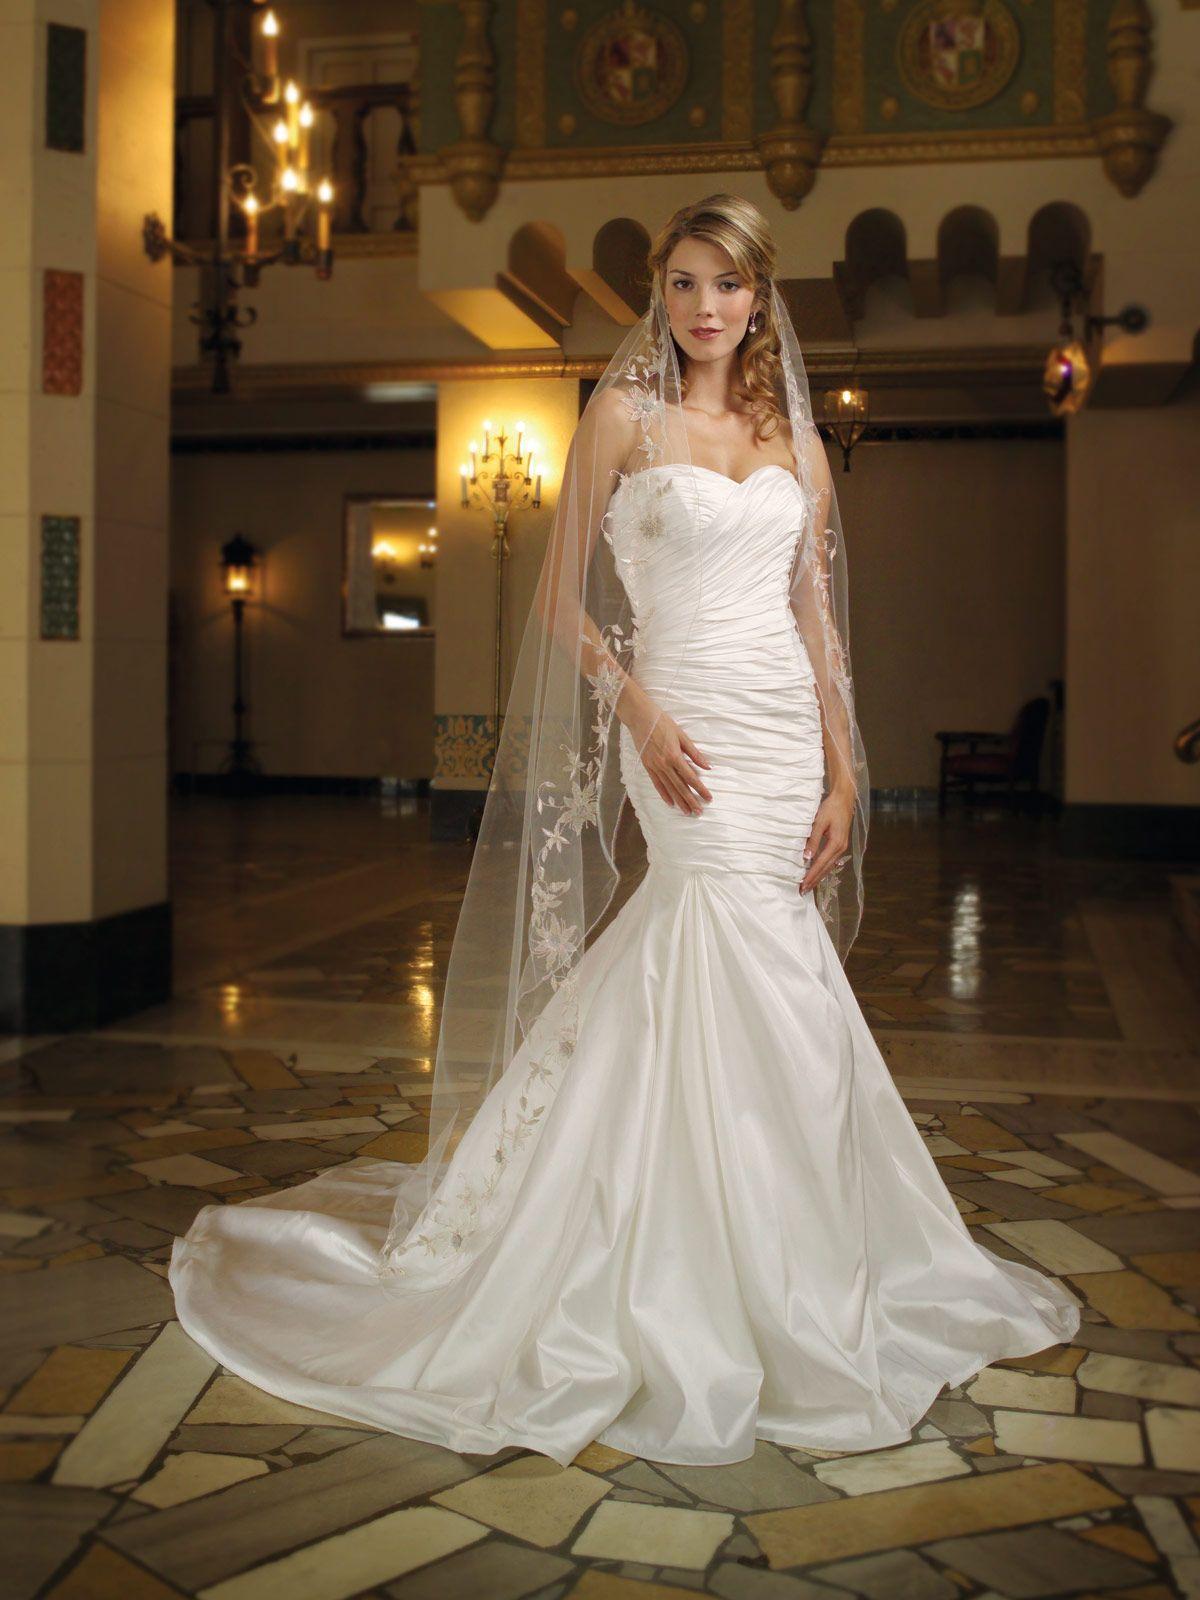 Fancy Sweetheart Taffeta Mermaid Trumpet Wedding Dress Wedding Dress Styles Wedding Dresses Cute Wedding Dress [ 1600 x 1200 Pixel ]